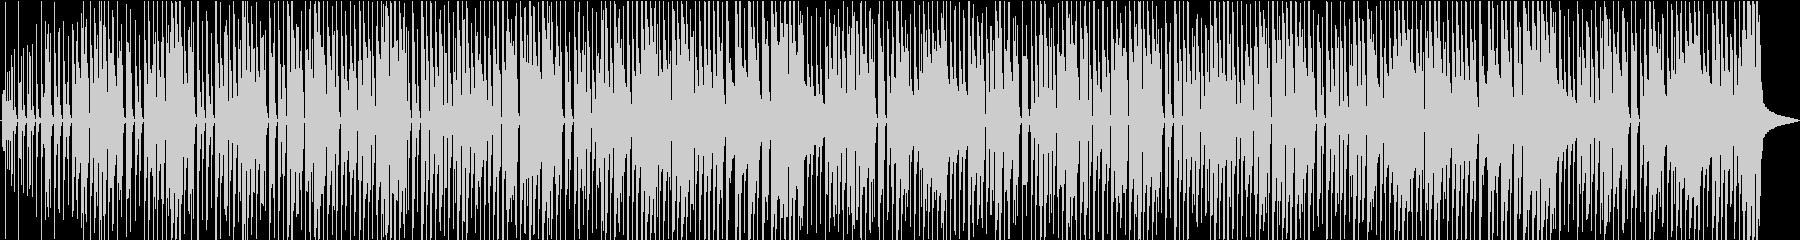 明るく軽いオープニング曲の未再生の波形